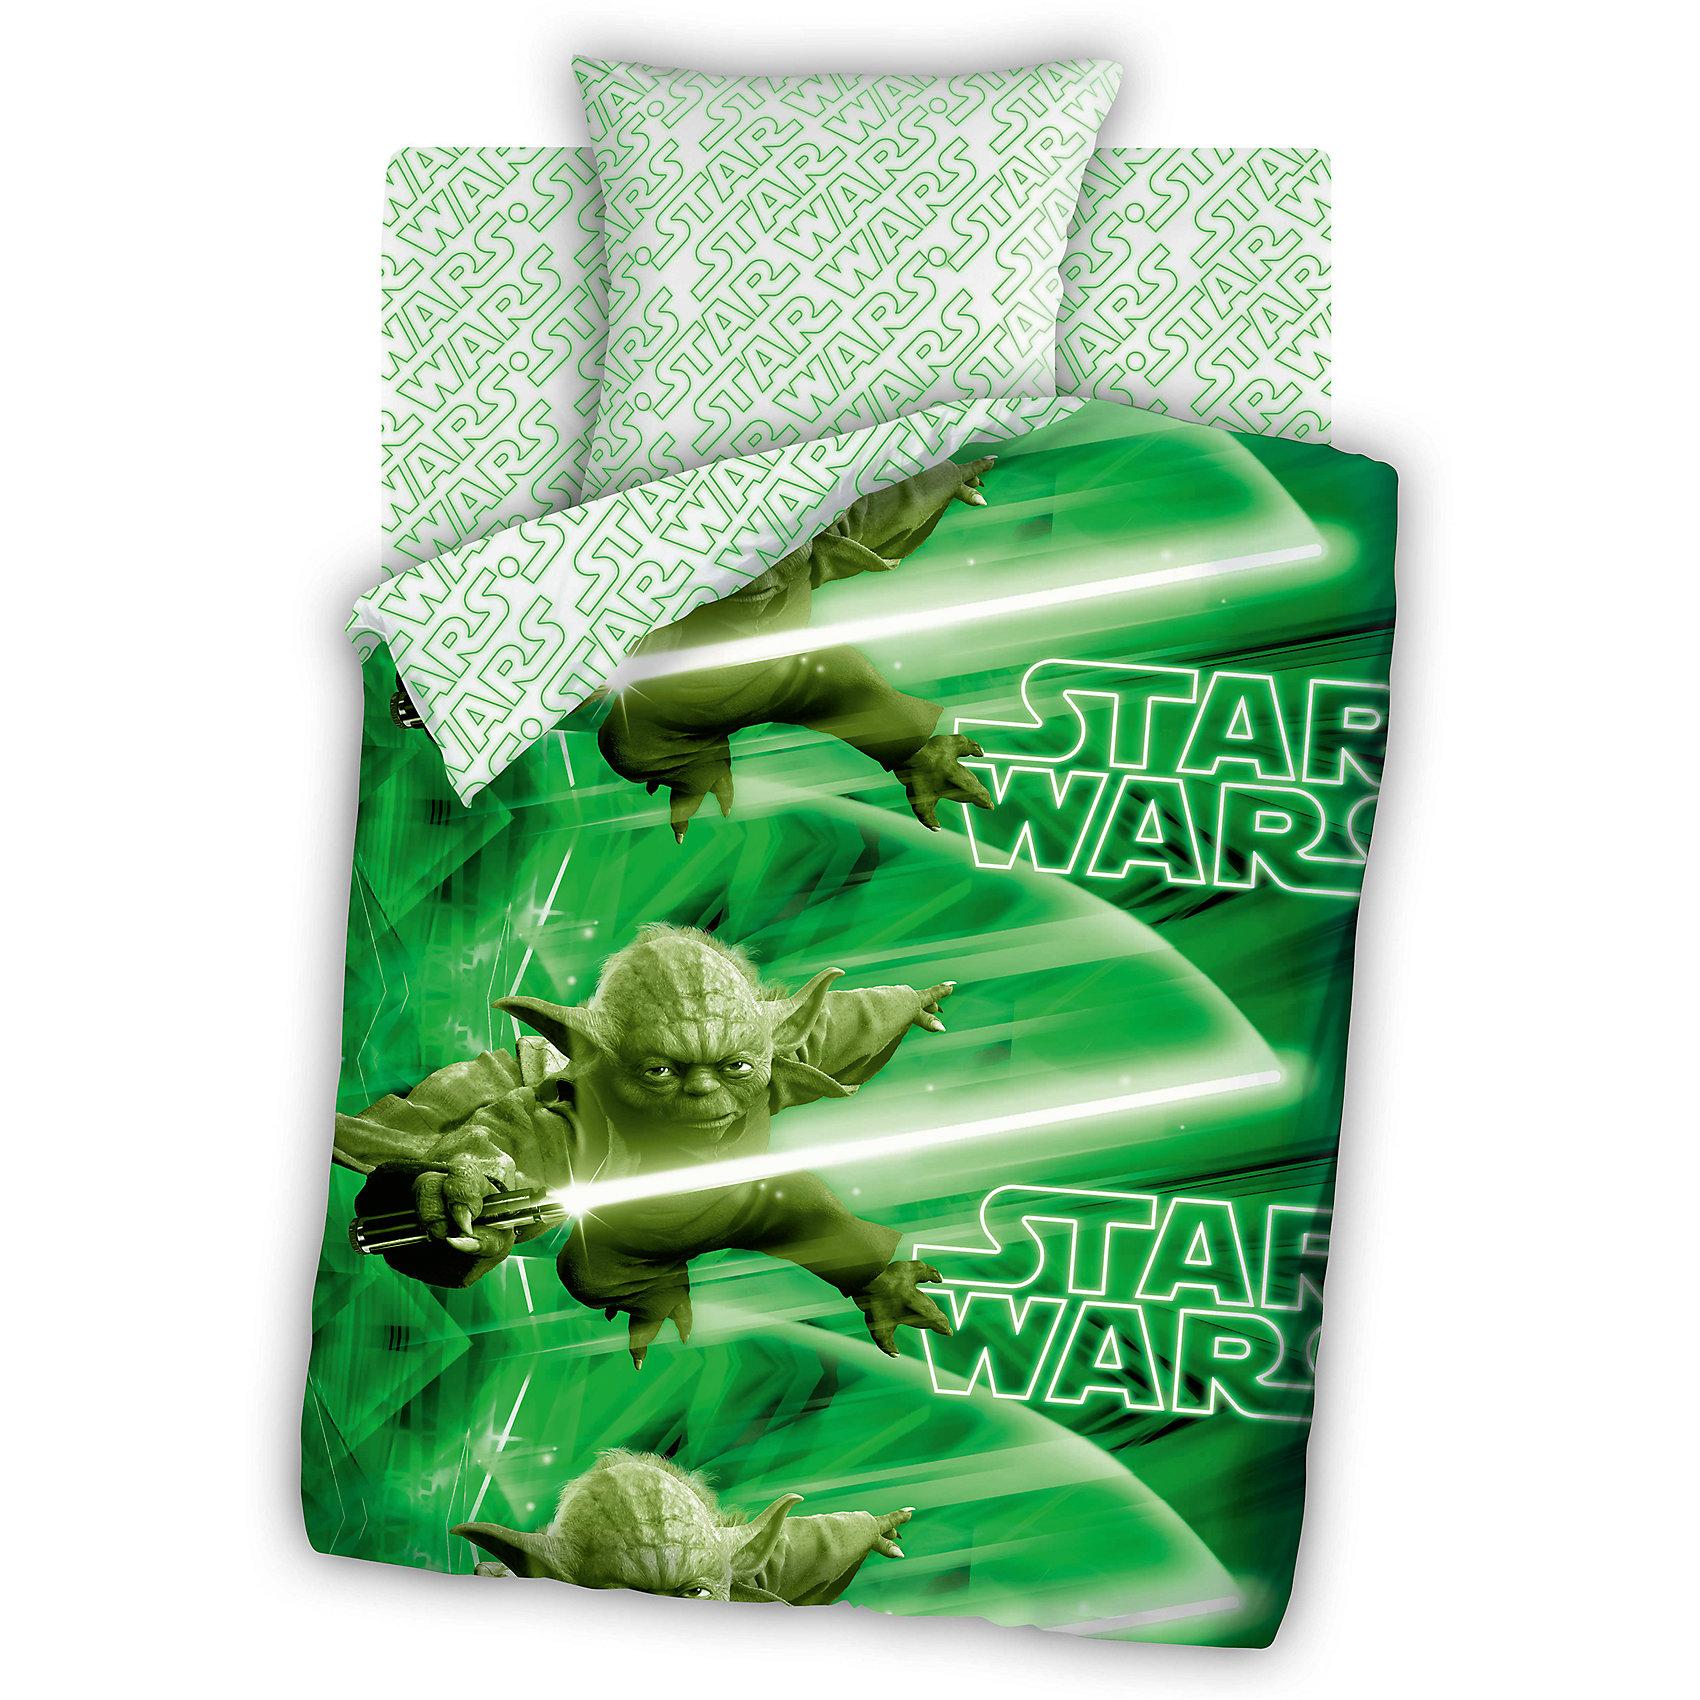 Комплект Мастер Йода 1,5-спальный (наволочка 70*70 см), Star WarsКомплект Мастер Йода 1,5-спальный (наволочка 70*70 см), Star Wars – это качественное российское белье для малышей.<br>Приятный цвет и высокое качество комплекта постельного белья Мастер Йода гарантирует, что атмосфера спальни наполнится теплотой и уютом, а ваш малыш испытает множество сладких мгновений спокойного сна. Комплект  обрадует юного поклонника фильма Звездные войны, ведь засыпать в компании с полюбившимися героями намного приятнее. Комплект изготовлен из высококачественной бязи (100% хлопка). Это постельное белье абсолютно натуральное, гипоаллергенное, соответствует строжайшим экологическим нормам безопасности, комфортное, дышащее, не нарушает естественные процессы терморегуляции, прочное, не линяет, не деформируется и не теряет своих красок даже после многочисленных стирок, а также отличается хорошей износостойкостью.<br><br>Дополнительная информация:<br><br>- Размер комплекта: полутораспальный<br>- Тип ткани: бязь (100% хлопок)<br>- В комплекте: 1 наволочка, 1 пододеяльник и 1 простыня<br>- Размер пододеяльника: 215 х 143 см.<br>- Размер наволочки: 70 х 70 см.<br>- Размер простыни: 214 х 150 см.<br>- Размер упаковки: 25 х 7 х 35 см.<br>- Вес: 2,3 кг.<br><br>Комплект Мастер Йода 1,5-спальный (наволочка 70*70 см), Star Wars можно купить в нашем интернет-магазине.<br><br>Ширина мм: 250<br>Глубина мм: 350<br>Высота мм: 70<br>Вес г: 2300<br>Возраст от месяцев: 36<br>Возраст до месяцев: 144<br>Пол: Унисекс<br>Возраст: Детский<br>SKU: 4142515